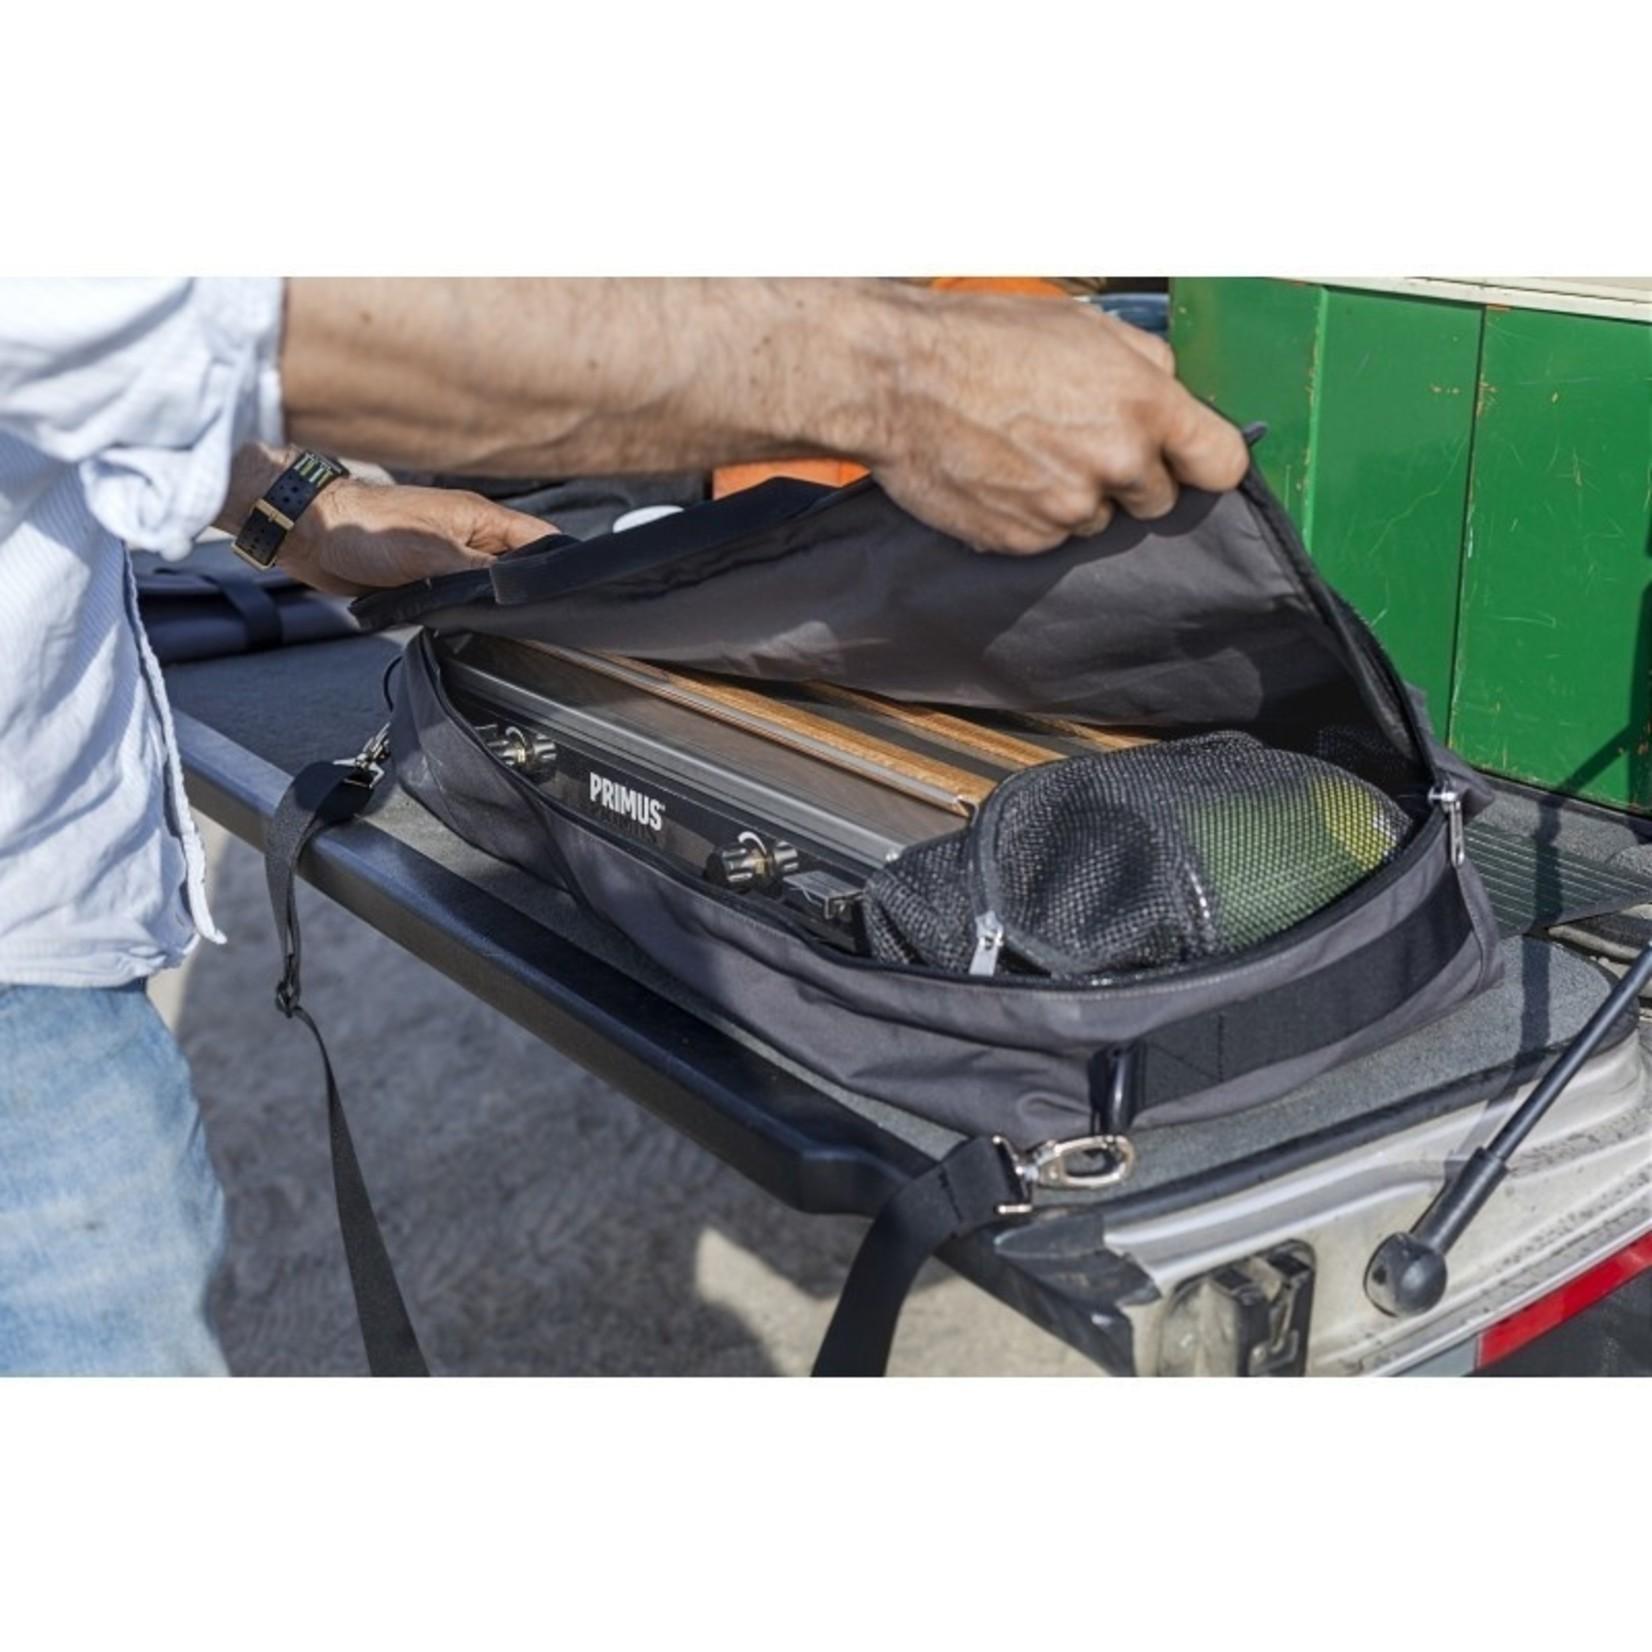 Primus Primus kooktoestel tas voor Kinjia en Tupike